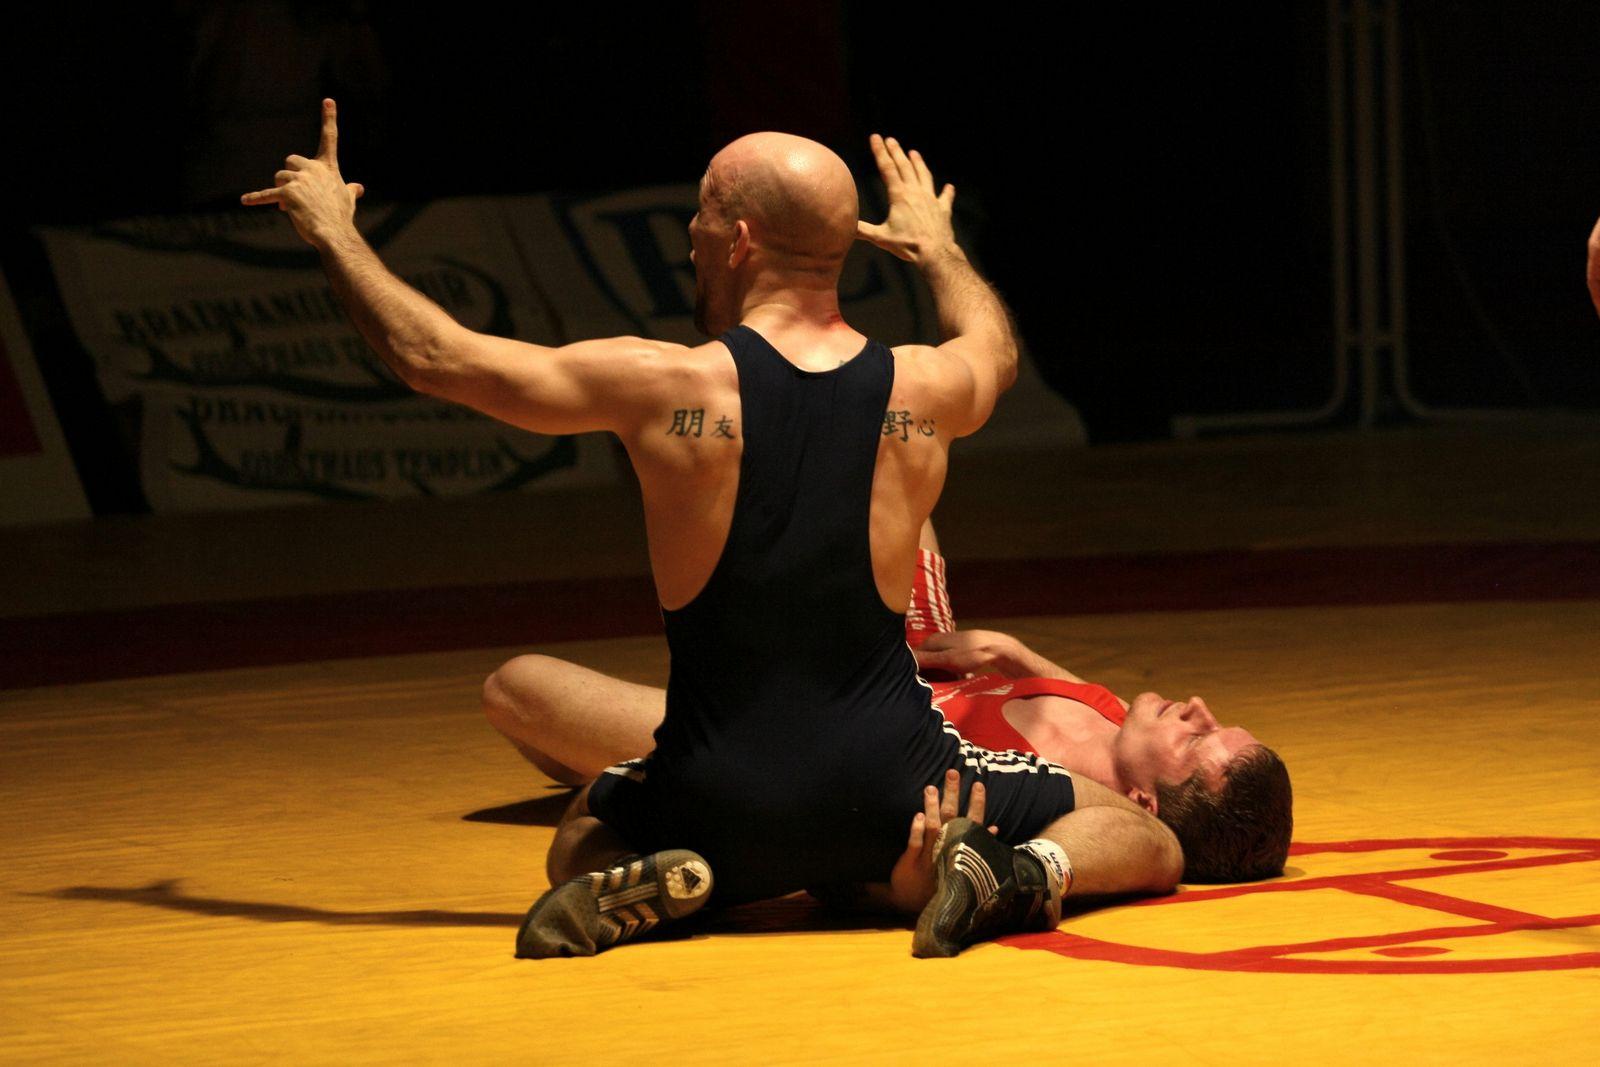 wrestling world: German wrestling - Potsdam vs. Küstenringer